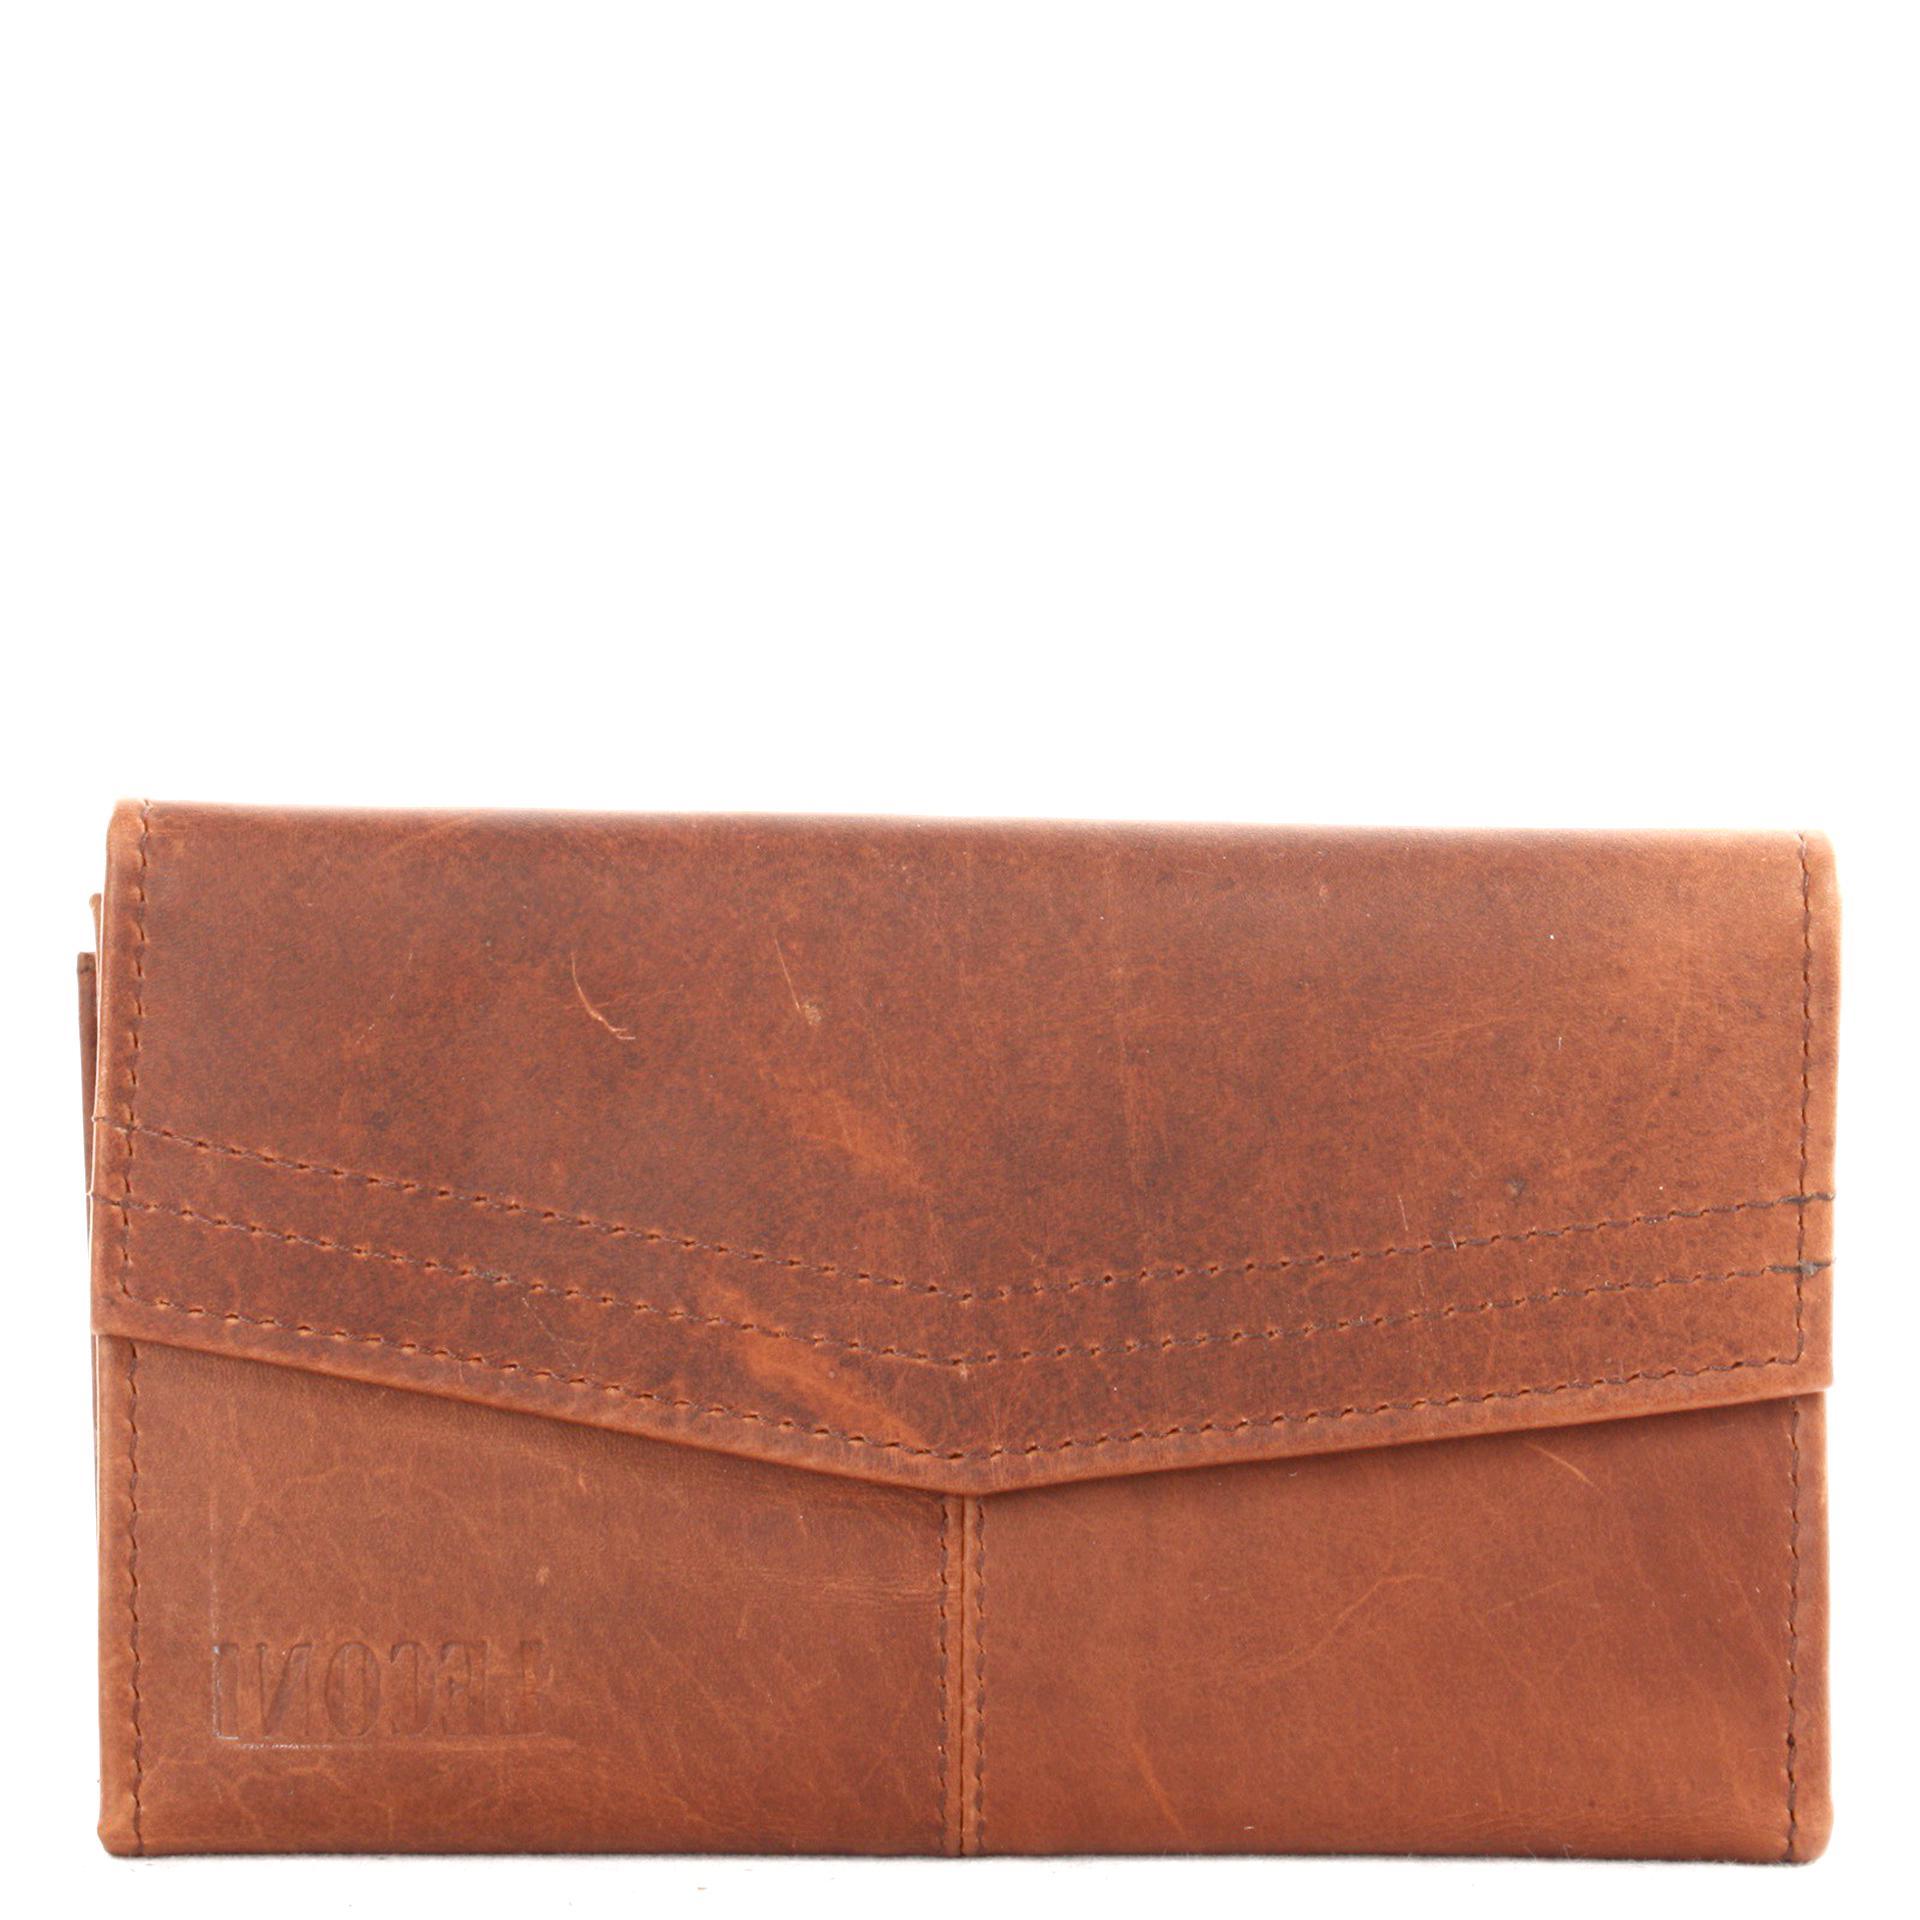 Volumen groß seriöse Seite Super Specials Portemonnaie Damen Leder Braun gebraucht kaufen! Nur 2 St ...